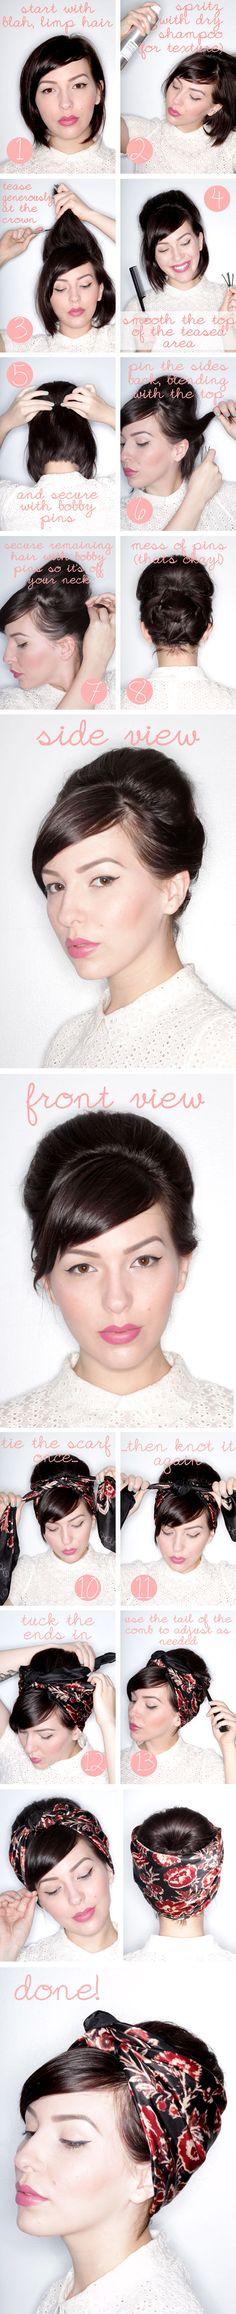 Faux Updo For Short Hair long hair updo faux diy hair hairstyles short hair hair tutorials easy hairstyles